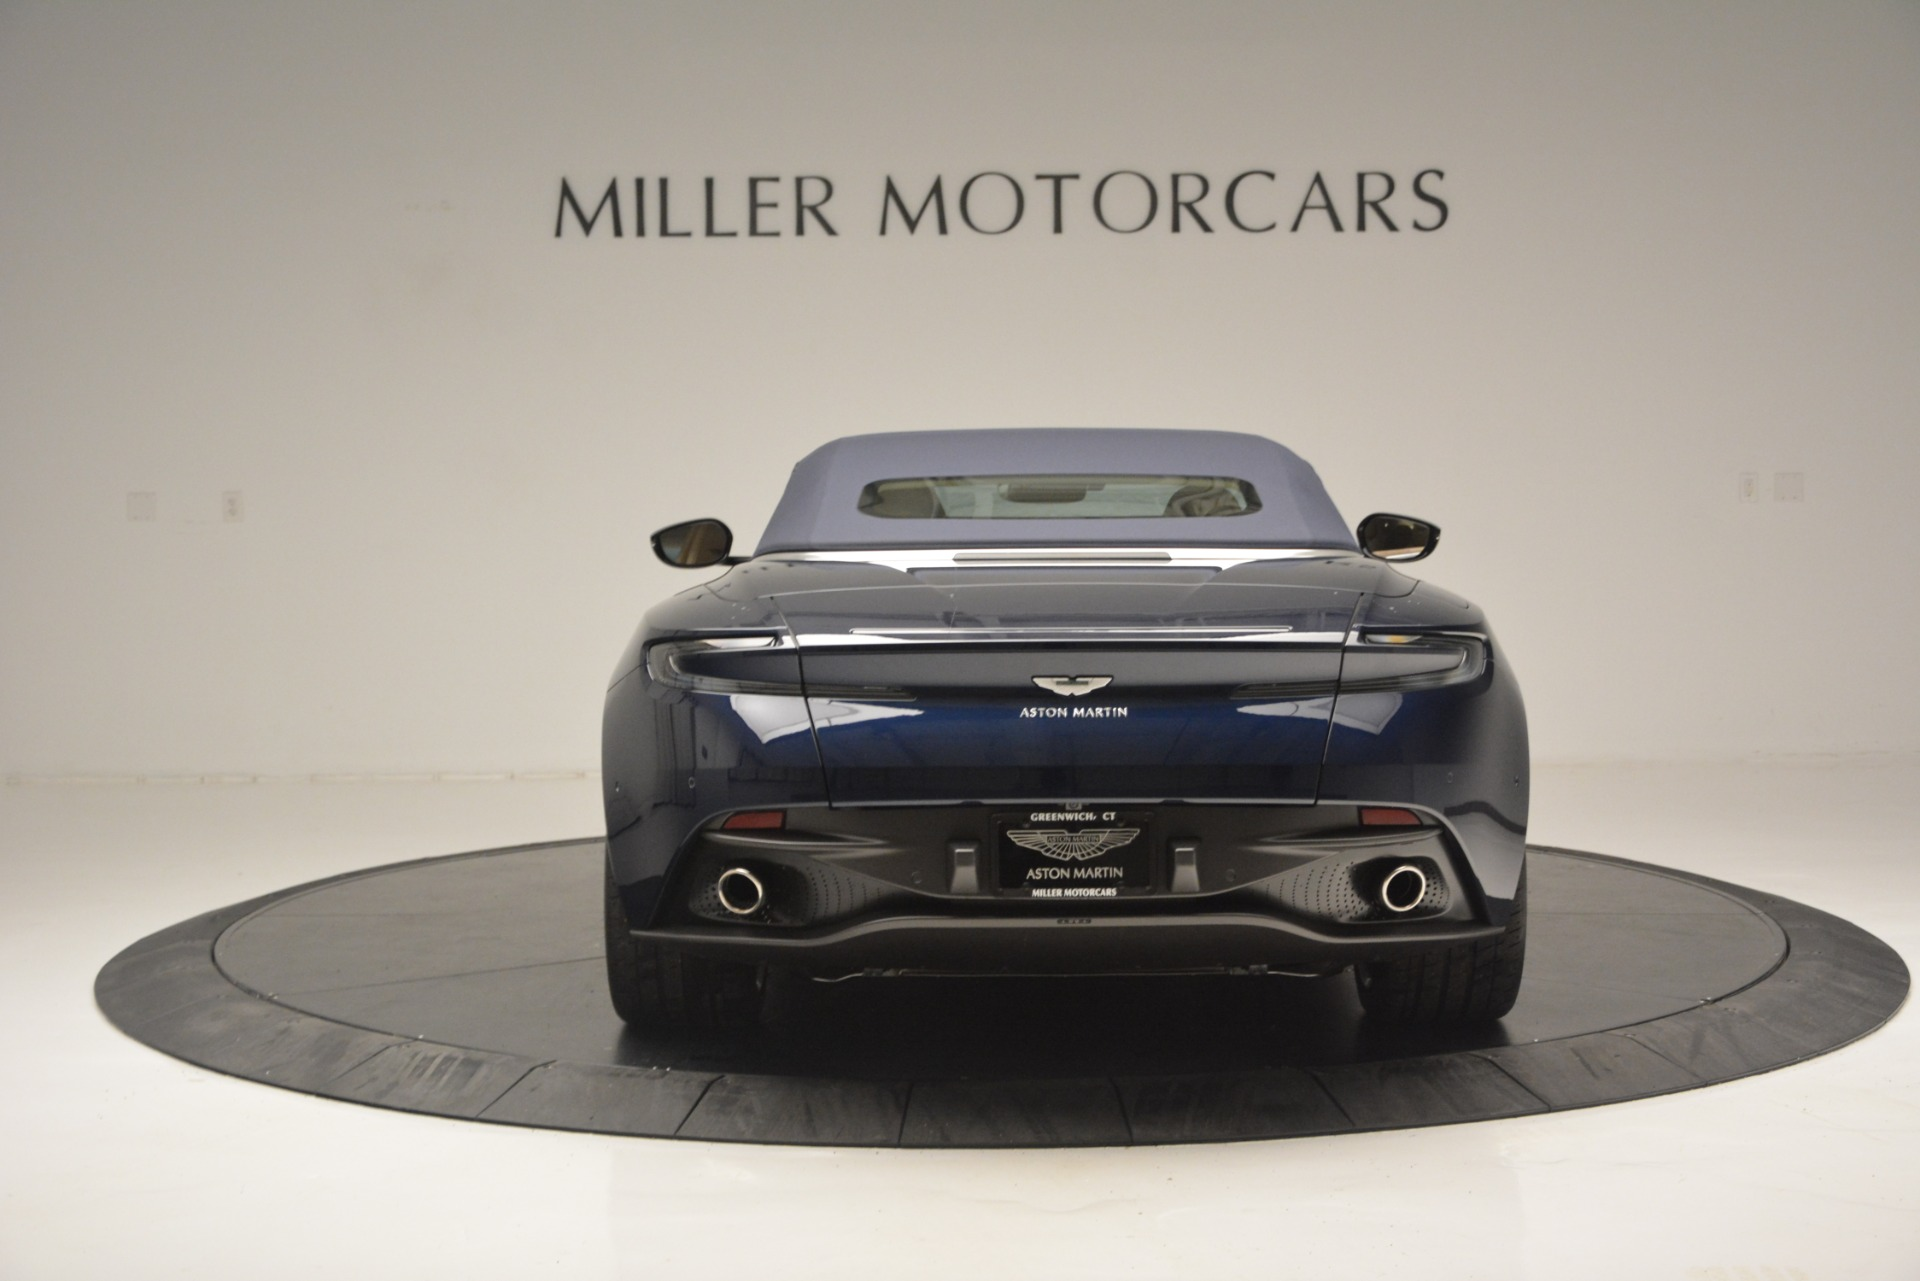 New 2019 Aston Martin DB11 Volante Volante For Sale In Greenwich, CT 2594_p18